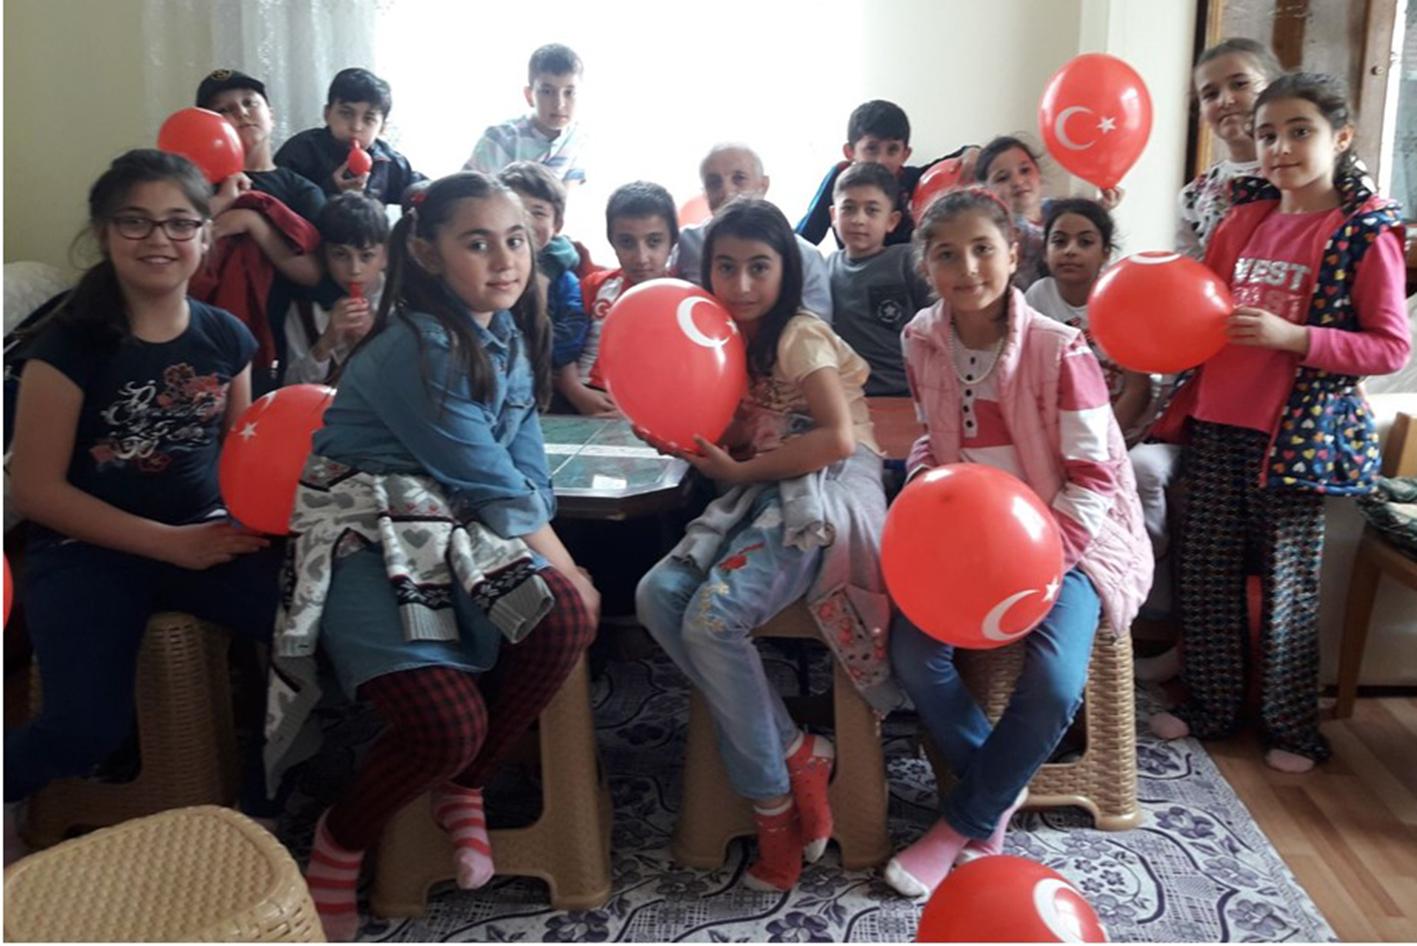 Mehmet Paşa İlkokulu Öğrencilerinden Anlamlı Ziyaret